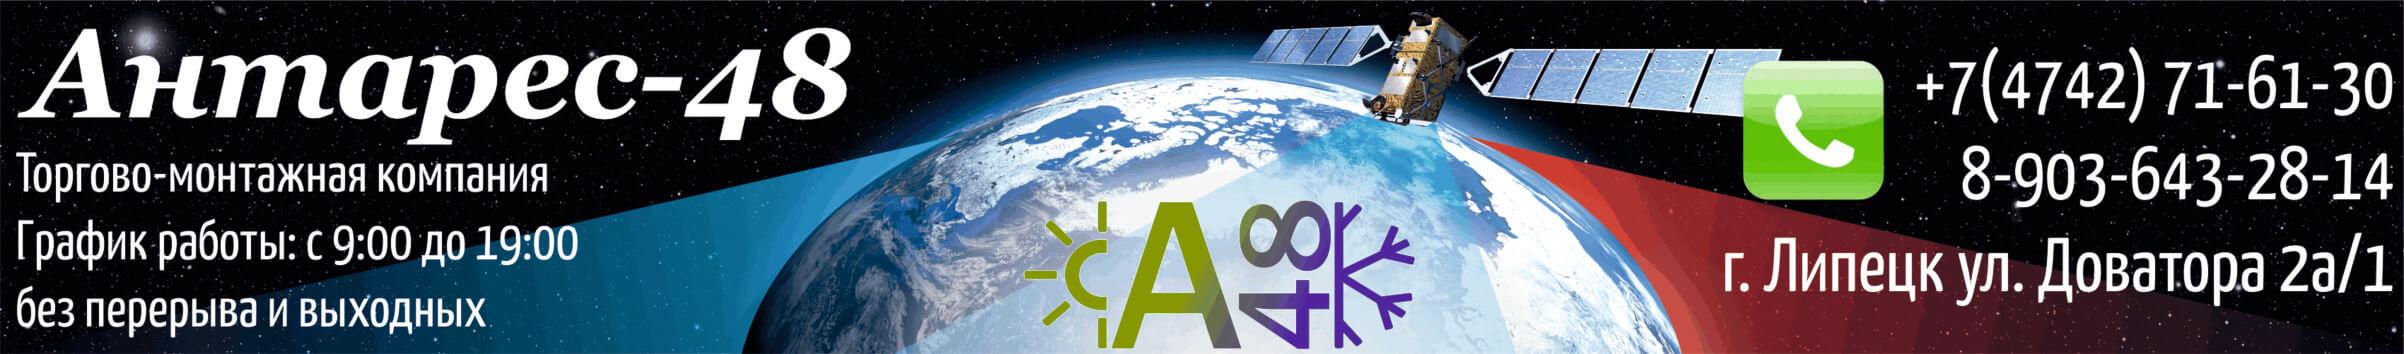 Спутниковое ТВ и кондиционеры в Липецке: Триколор, НТВ+, Телекарта, НТВ плюс, спутниковый интернет в Липецке и Липецкой области